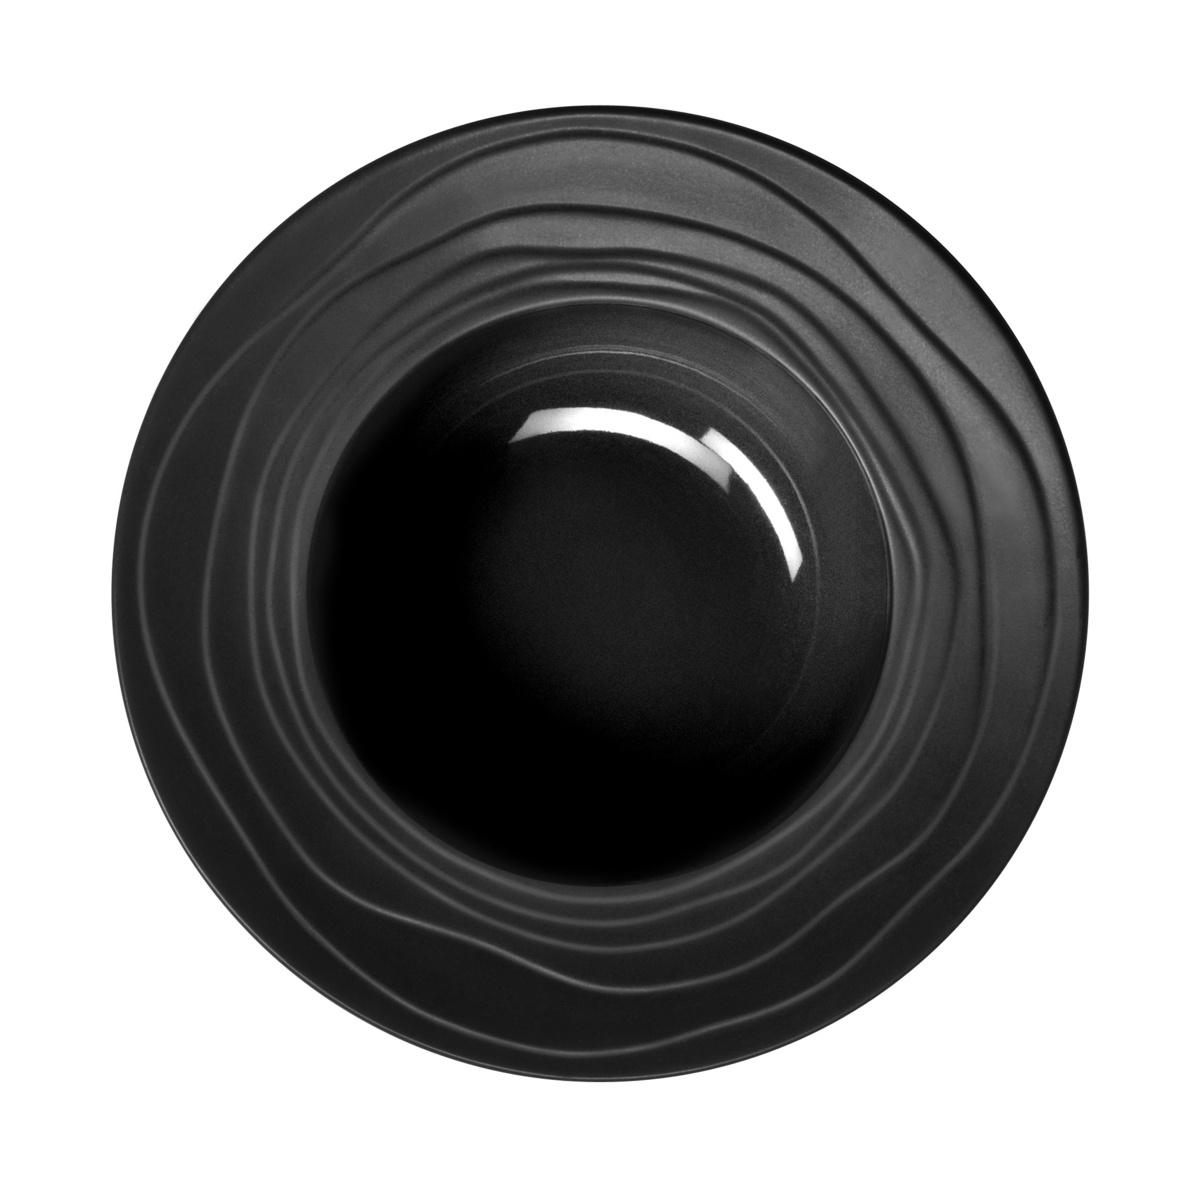 Assiette creuse ronde noire grès Ø 22,50 cm Escale Medard De Noblat